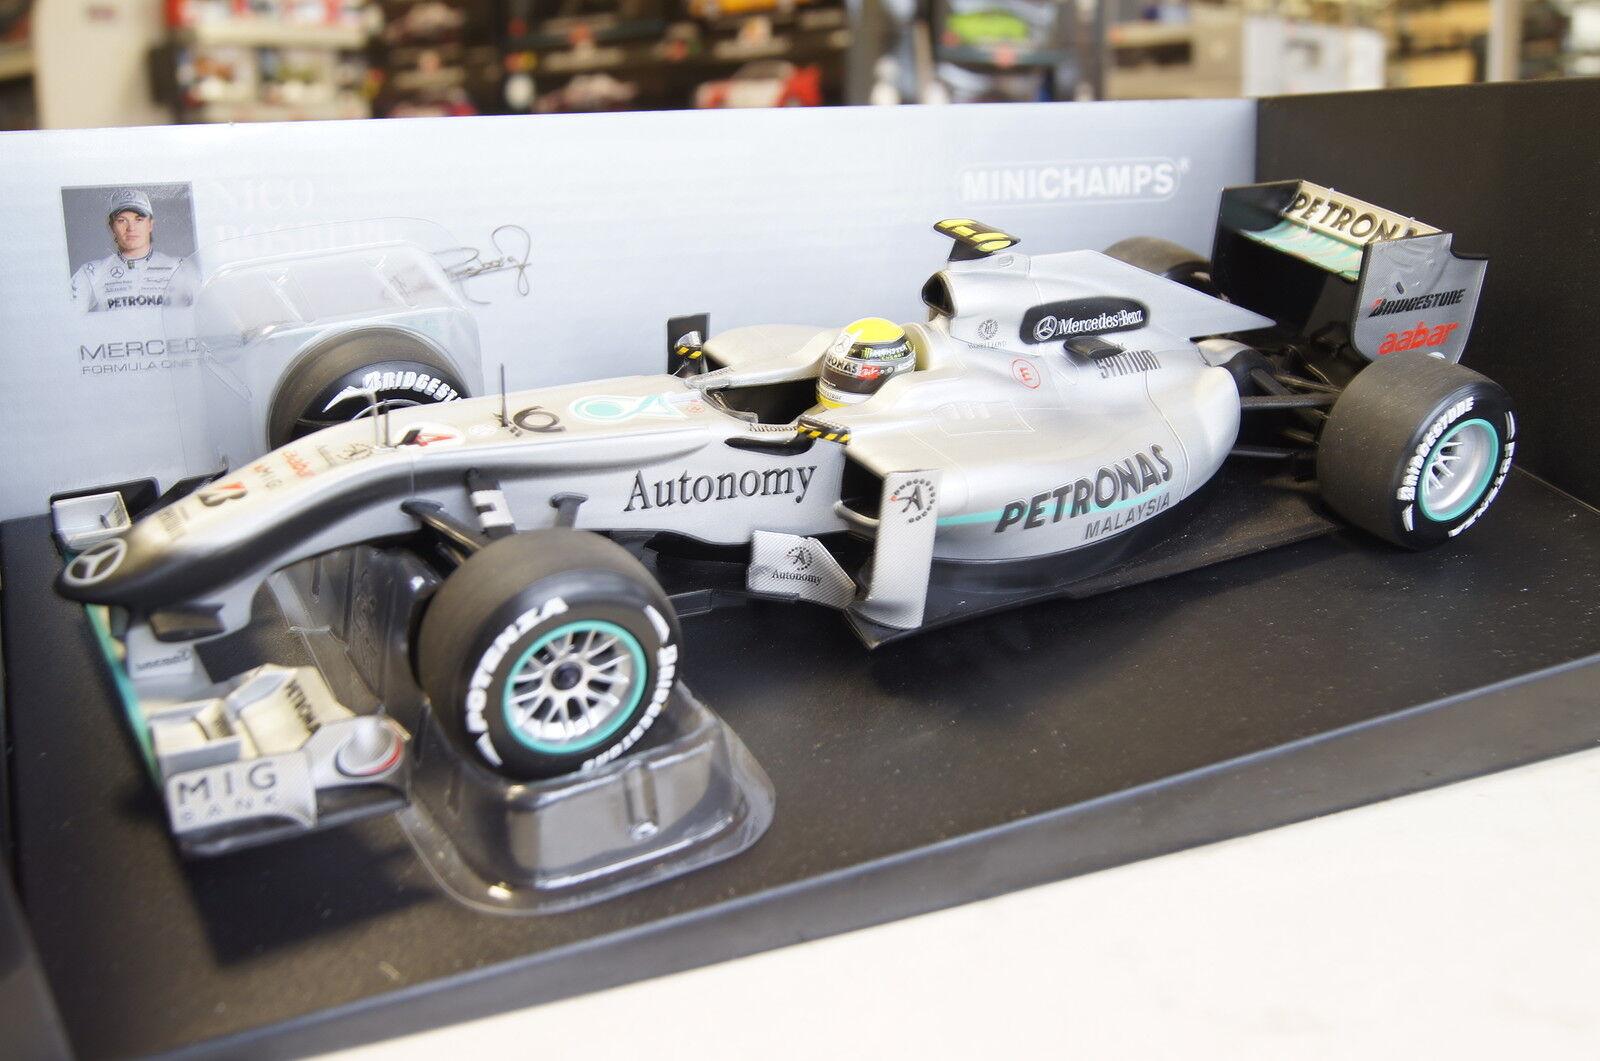 encuentra tu favorito aquí Formel 1 2010 Mercedes GP F1 Team Team Team N.Rosberg  4 1 18 Minichamps neu & OVP  orden ahora con gran descuento y entrega gratuita